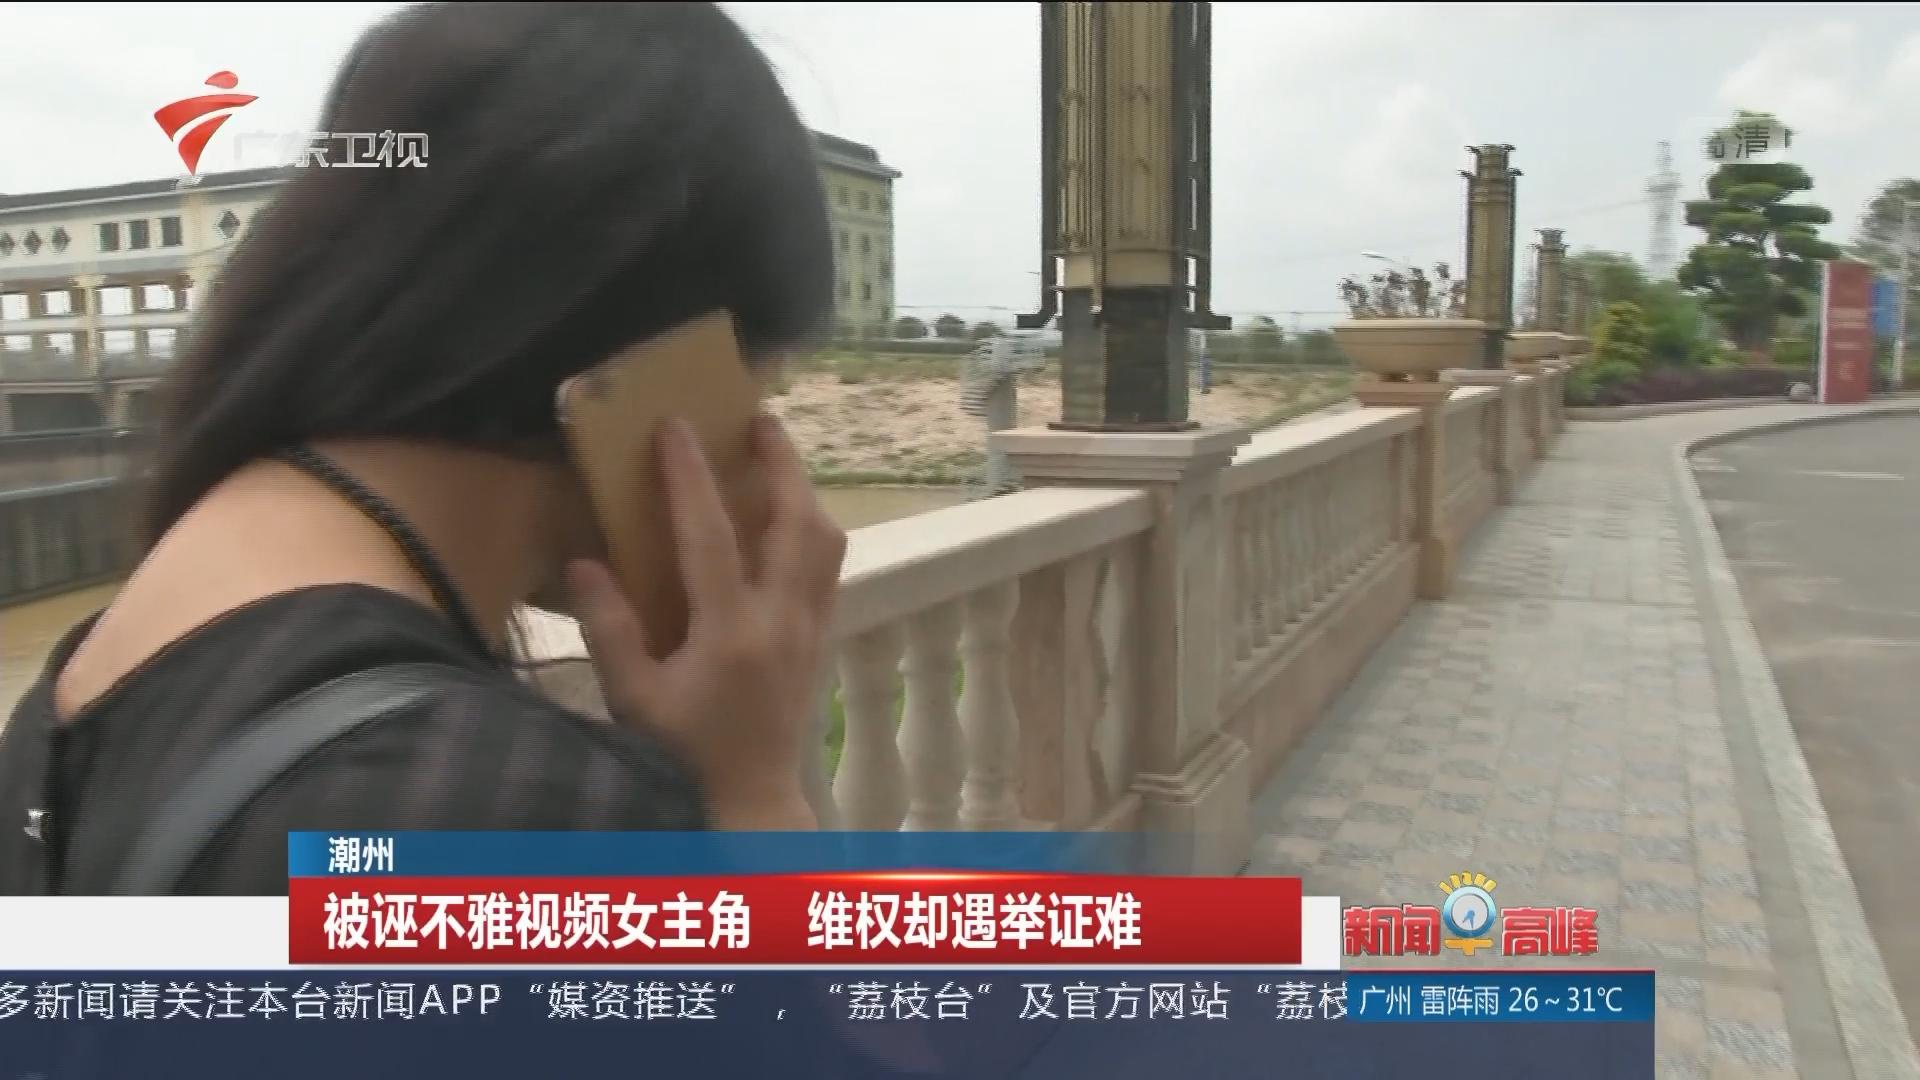 潮州:被诬不雅视频女主角 维权却遇举证难